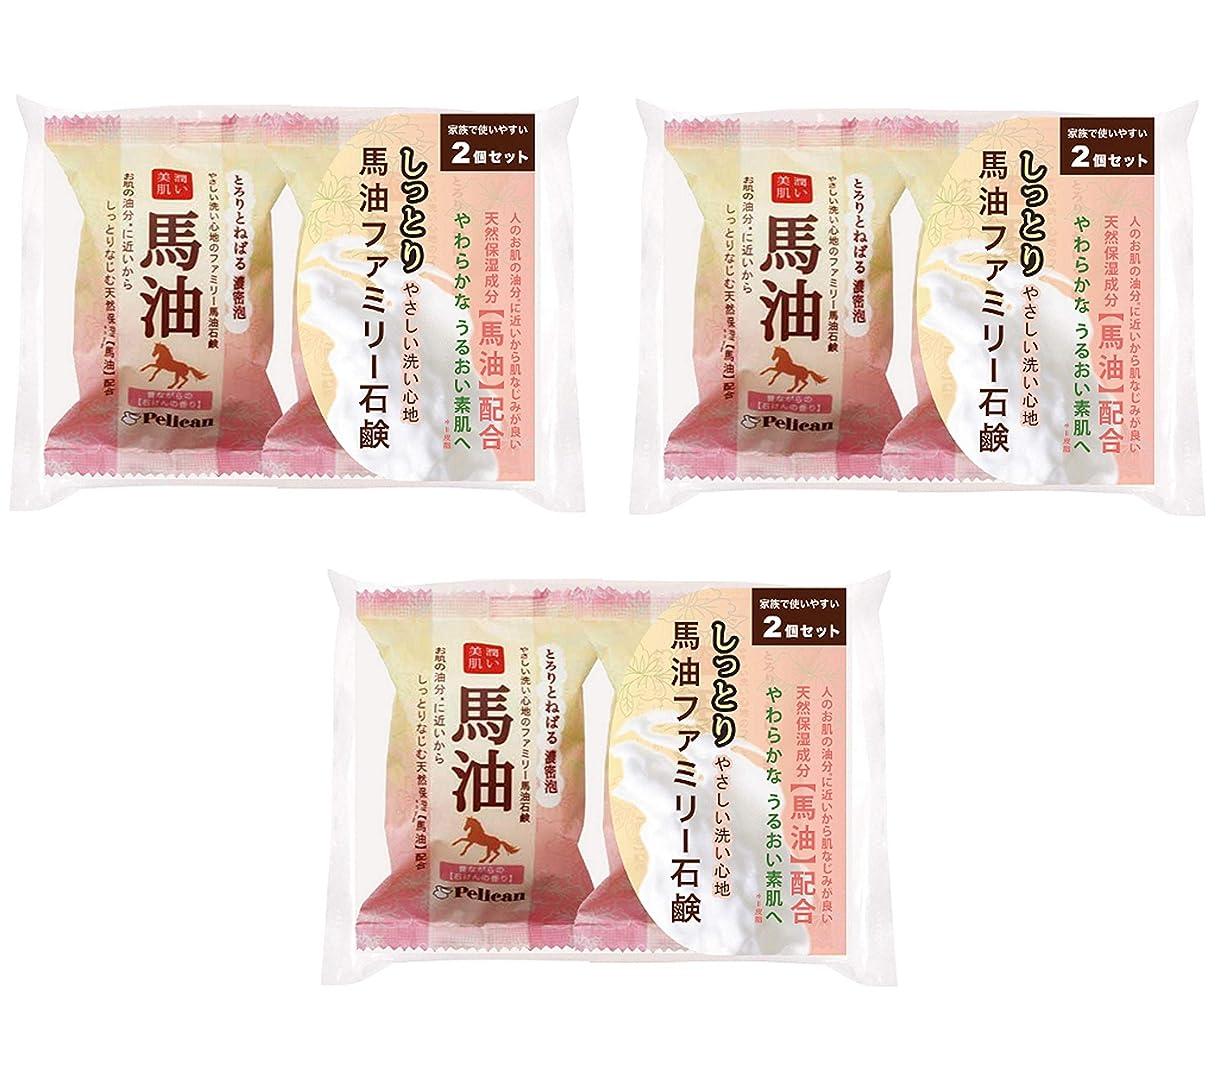 適合する実行つまずく【まとめ買い】ペリカン石鹸 ファミリー 馬油石鹸 2P ×3個セット